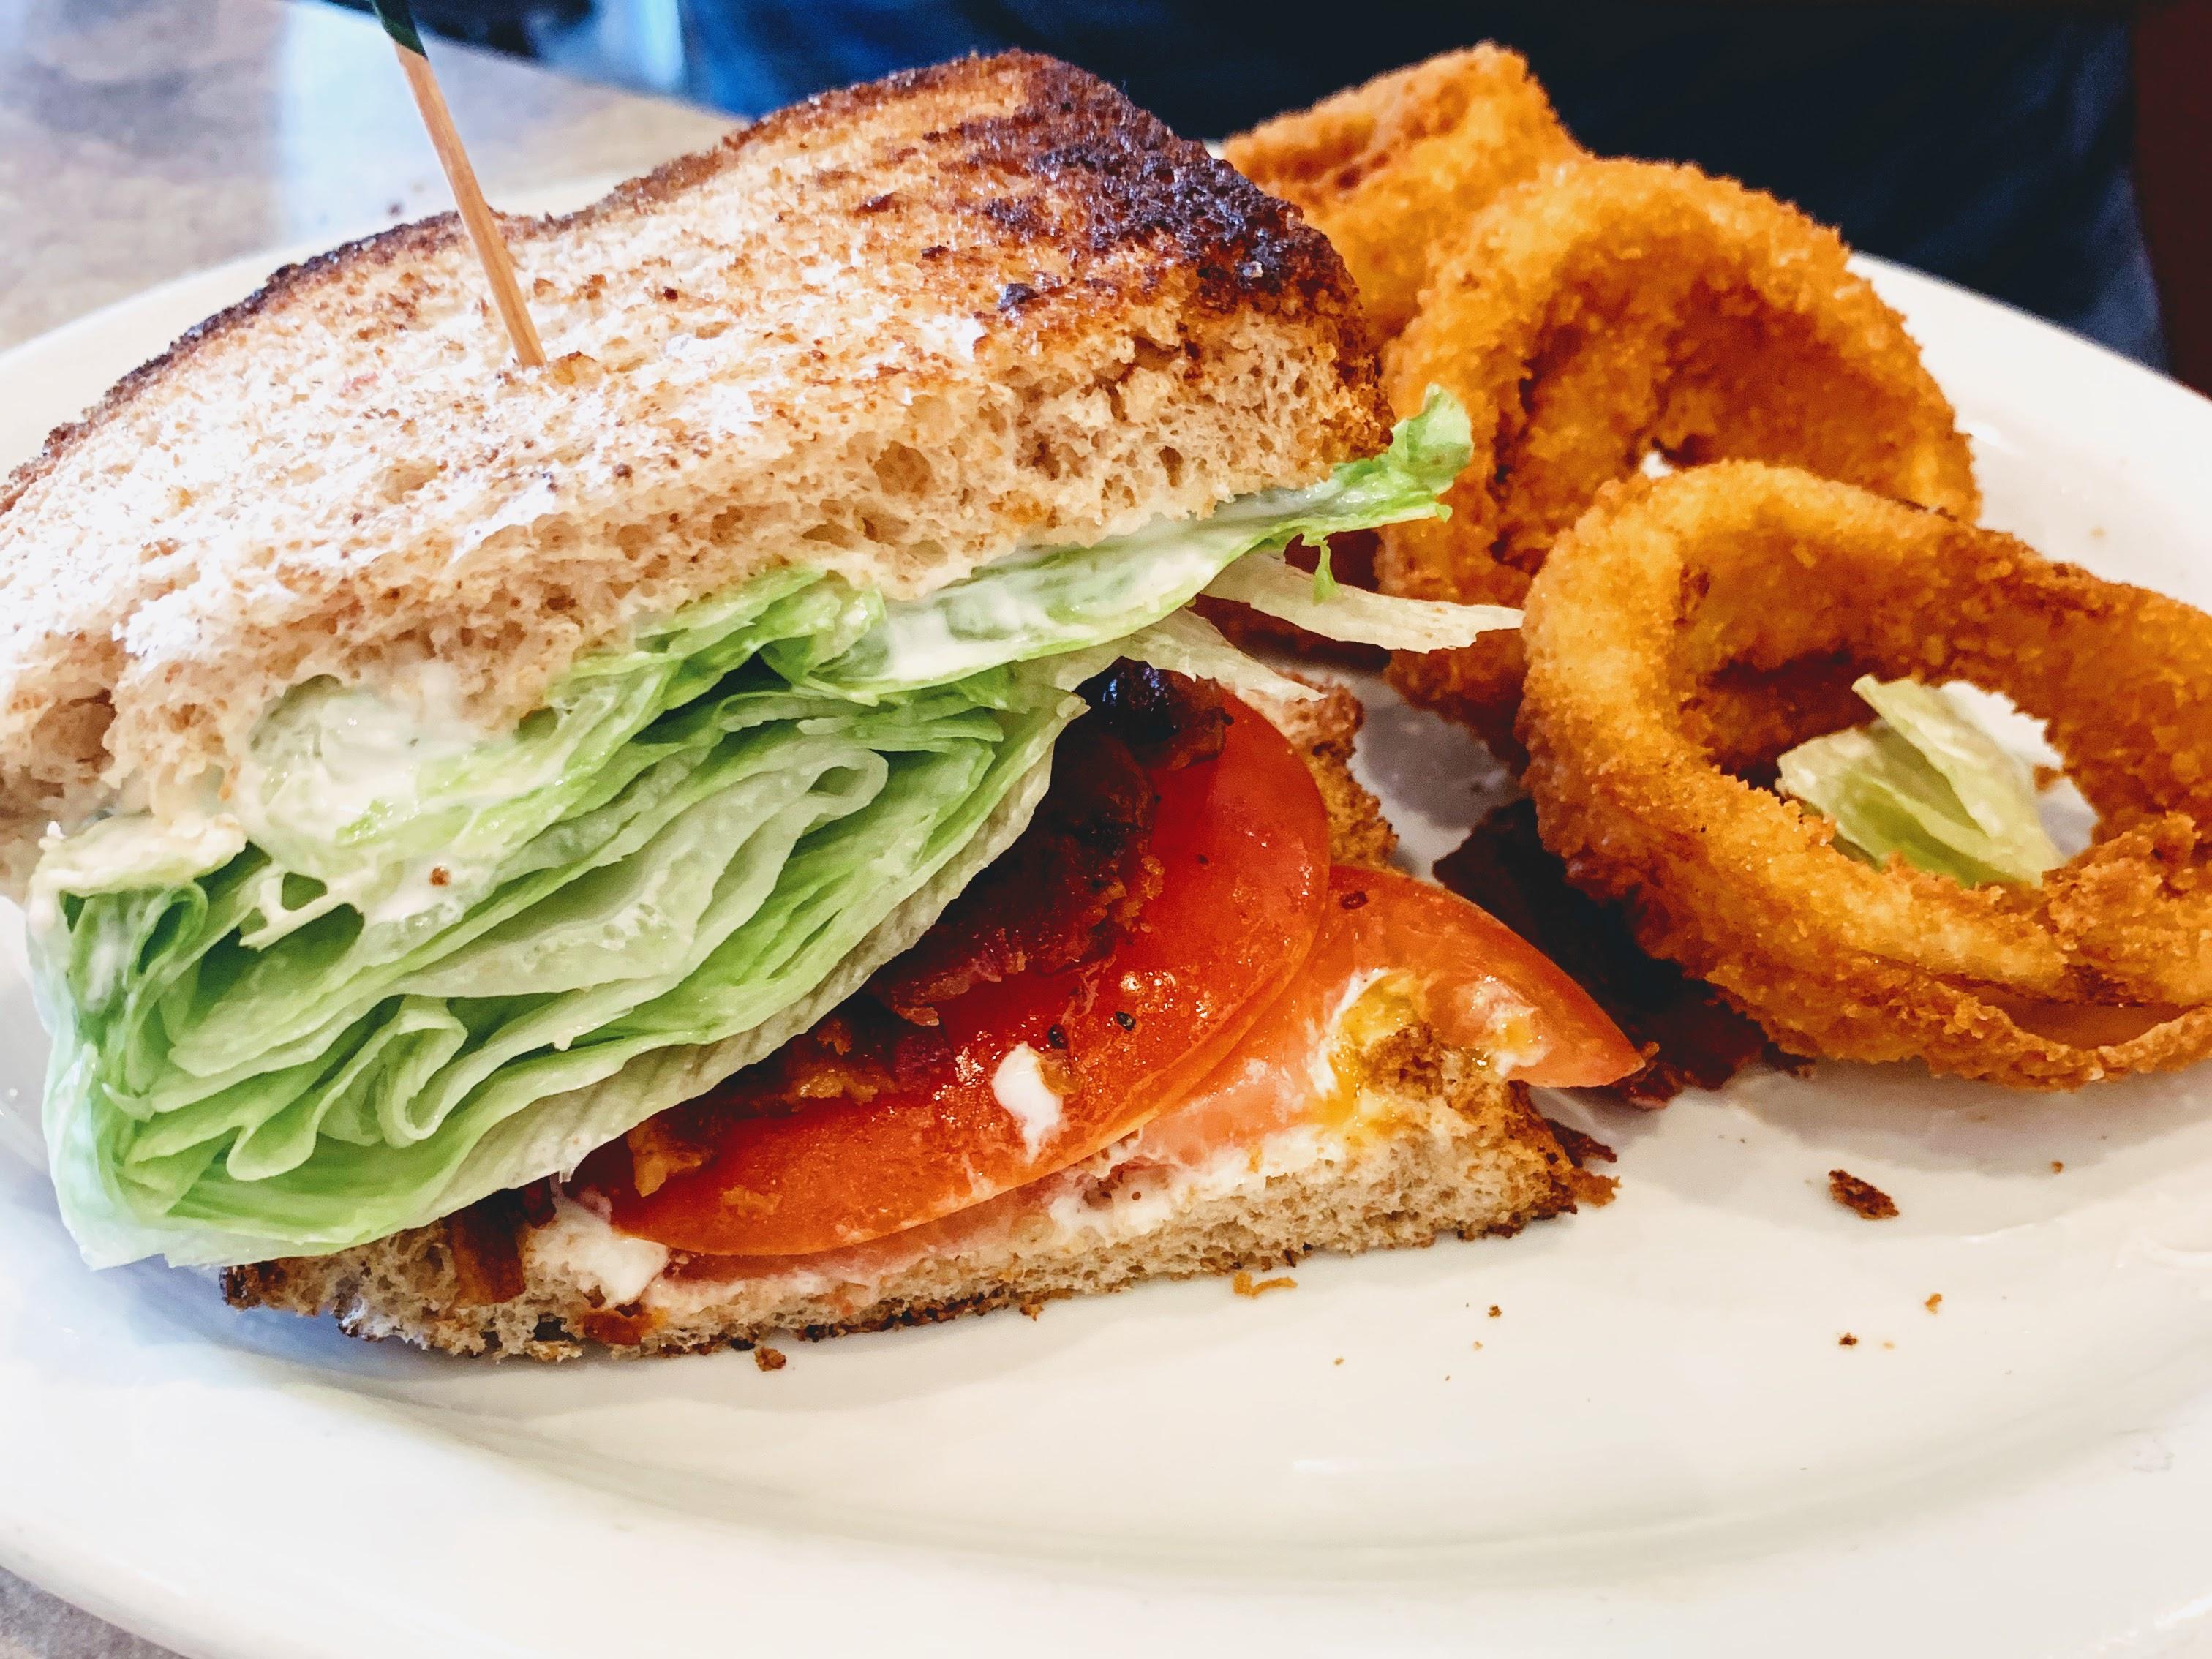 Cobian's BLT Sandwich